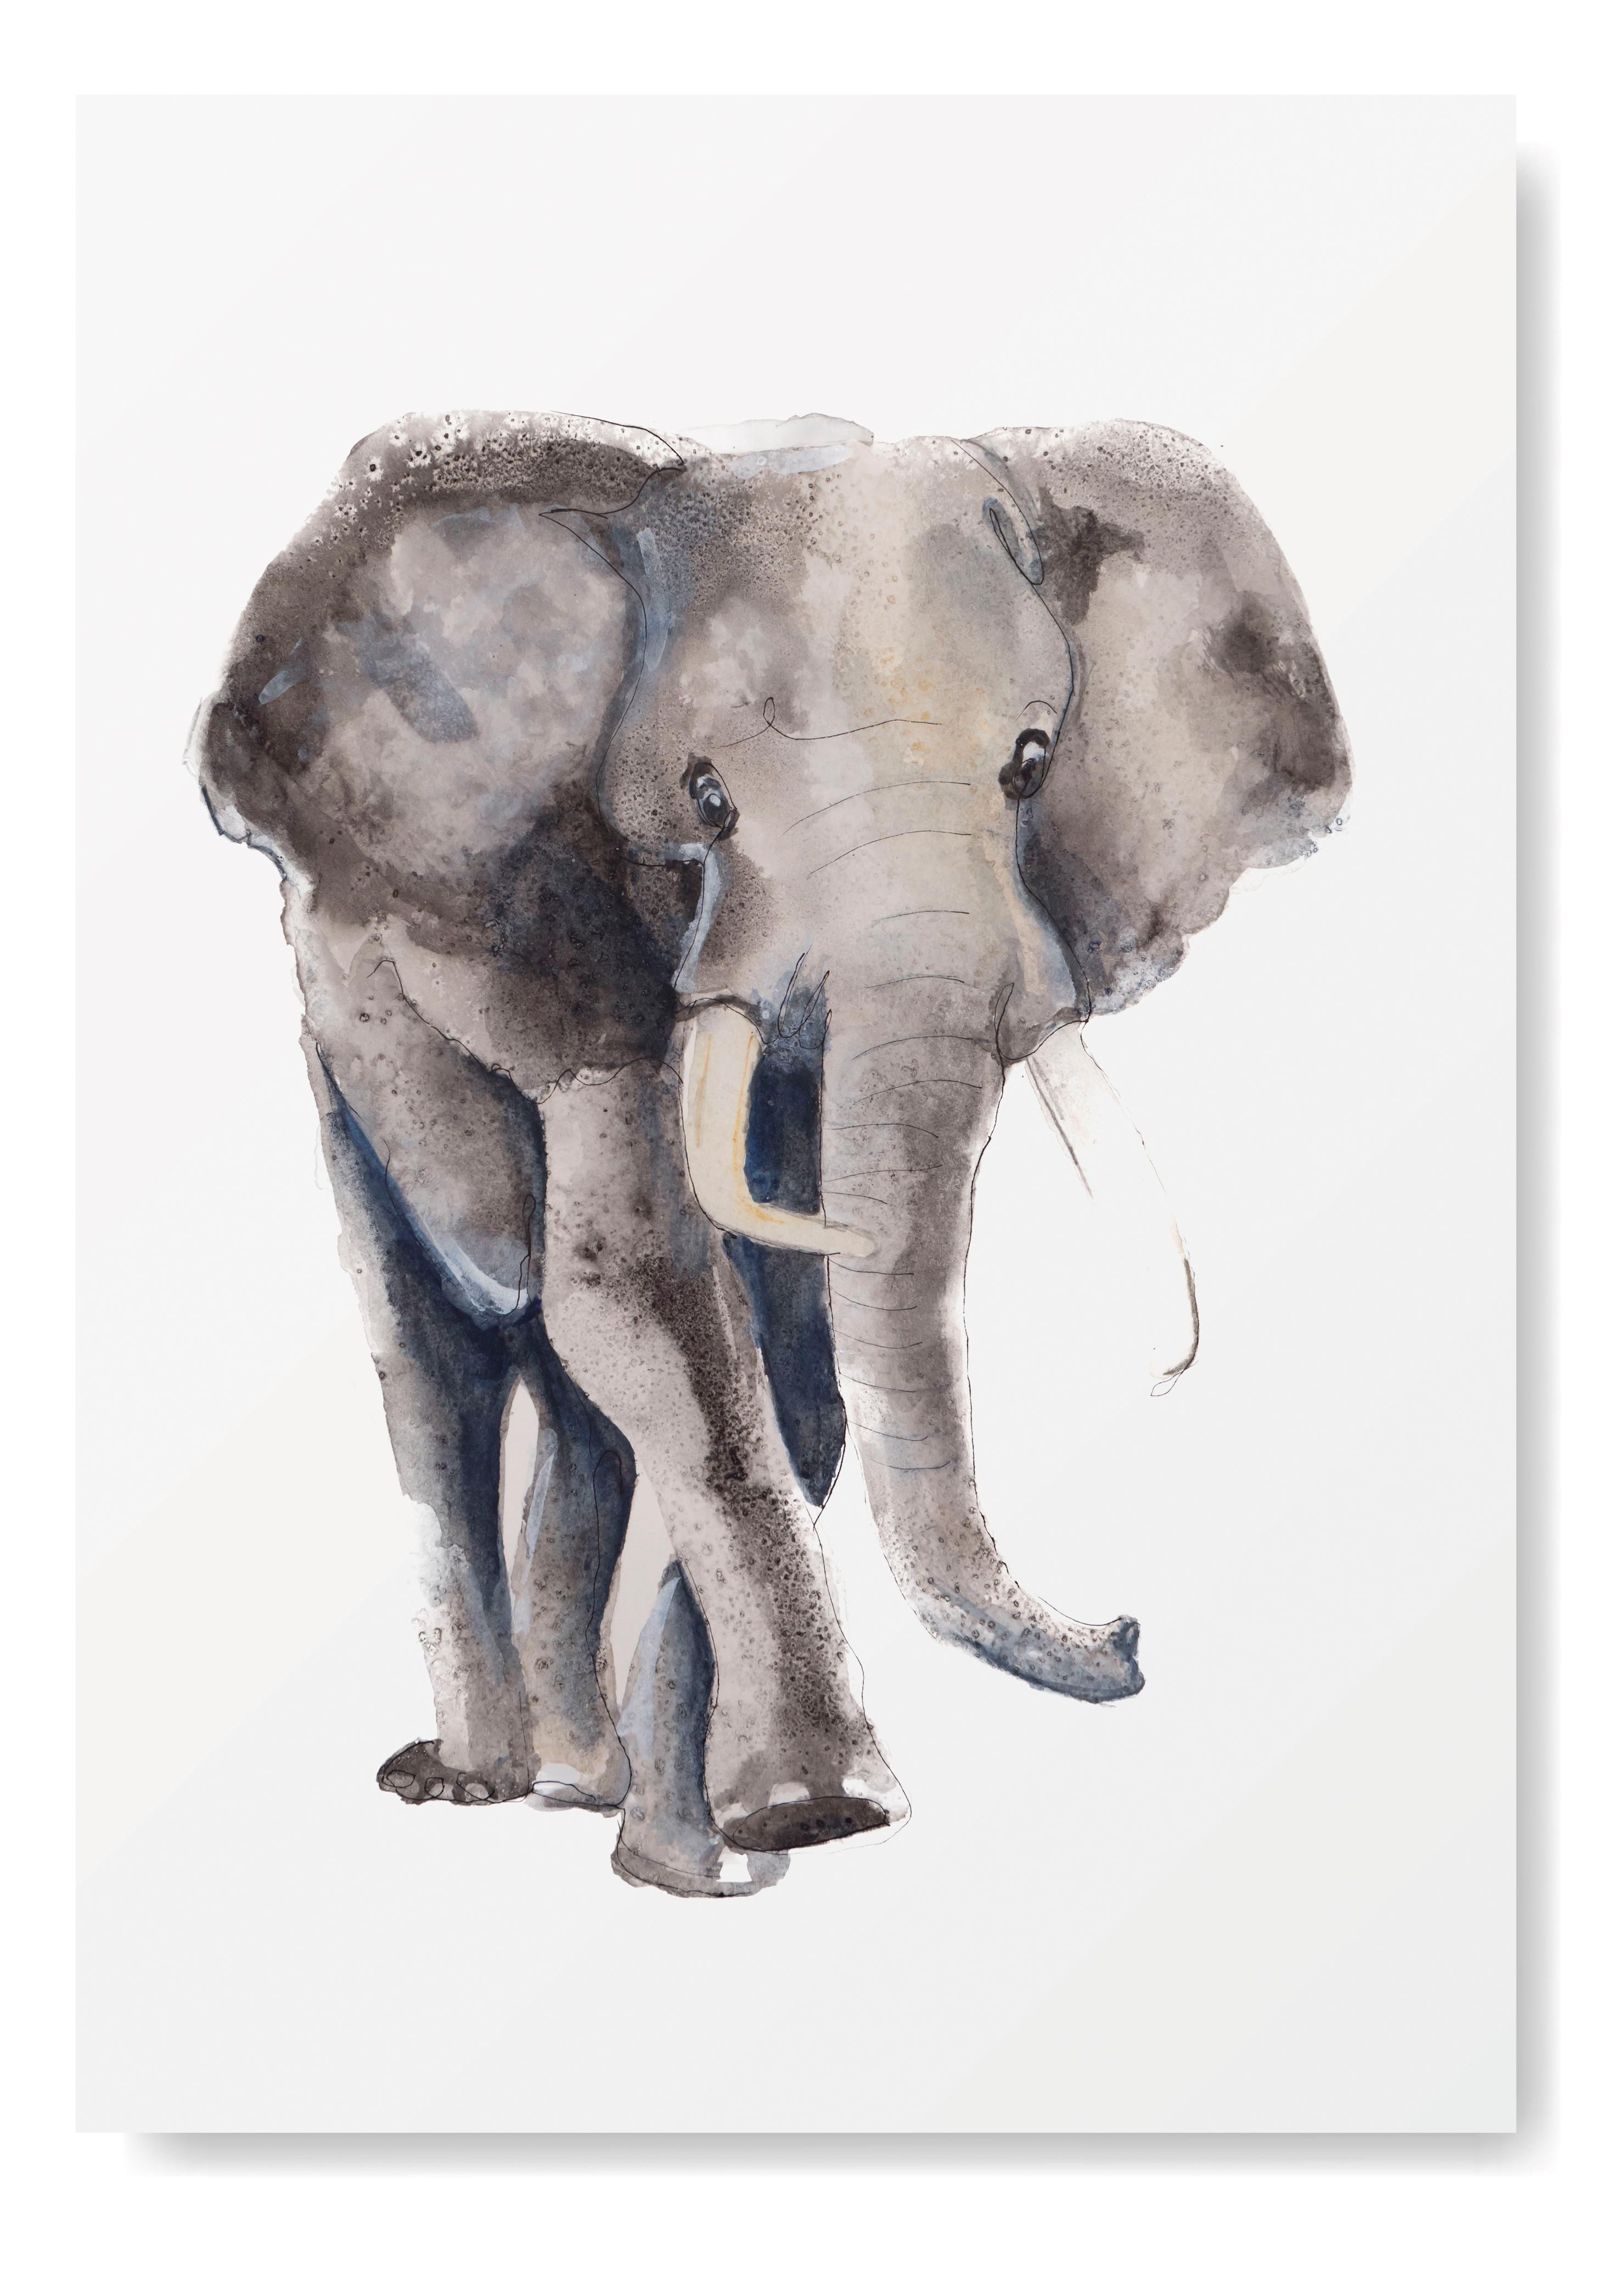 Olifant Kunstprint - Afrikaanse Dieren Kunst- Kunst aan de muur - Olifanten Poster - Dieren Art Print Angelart Kunst&Zo, Angela Peters